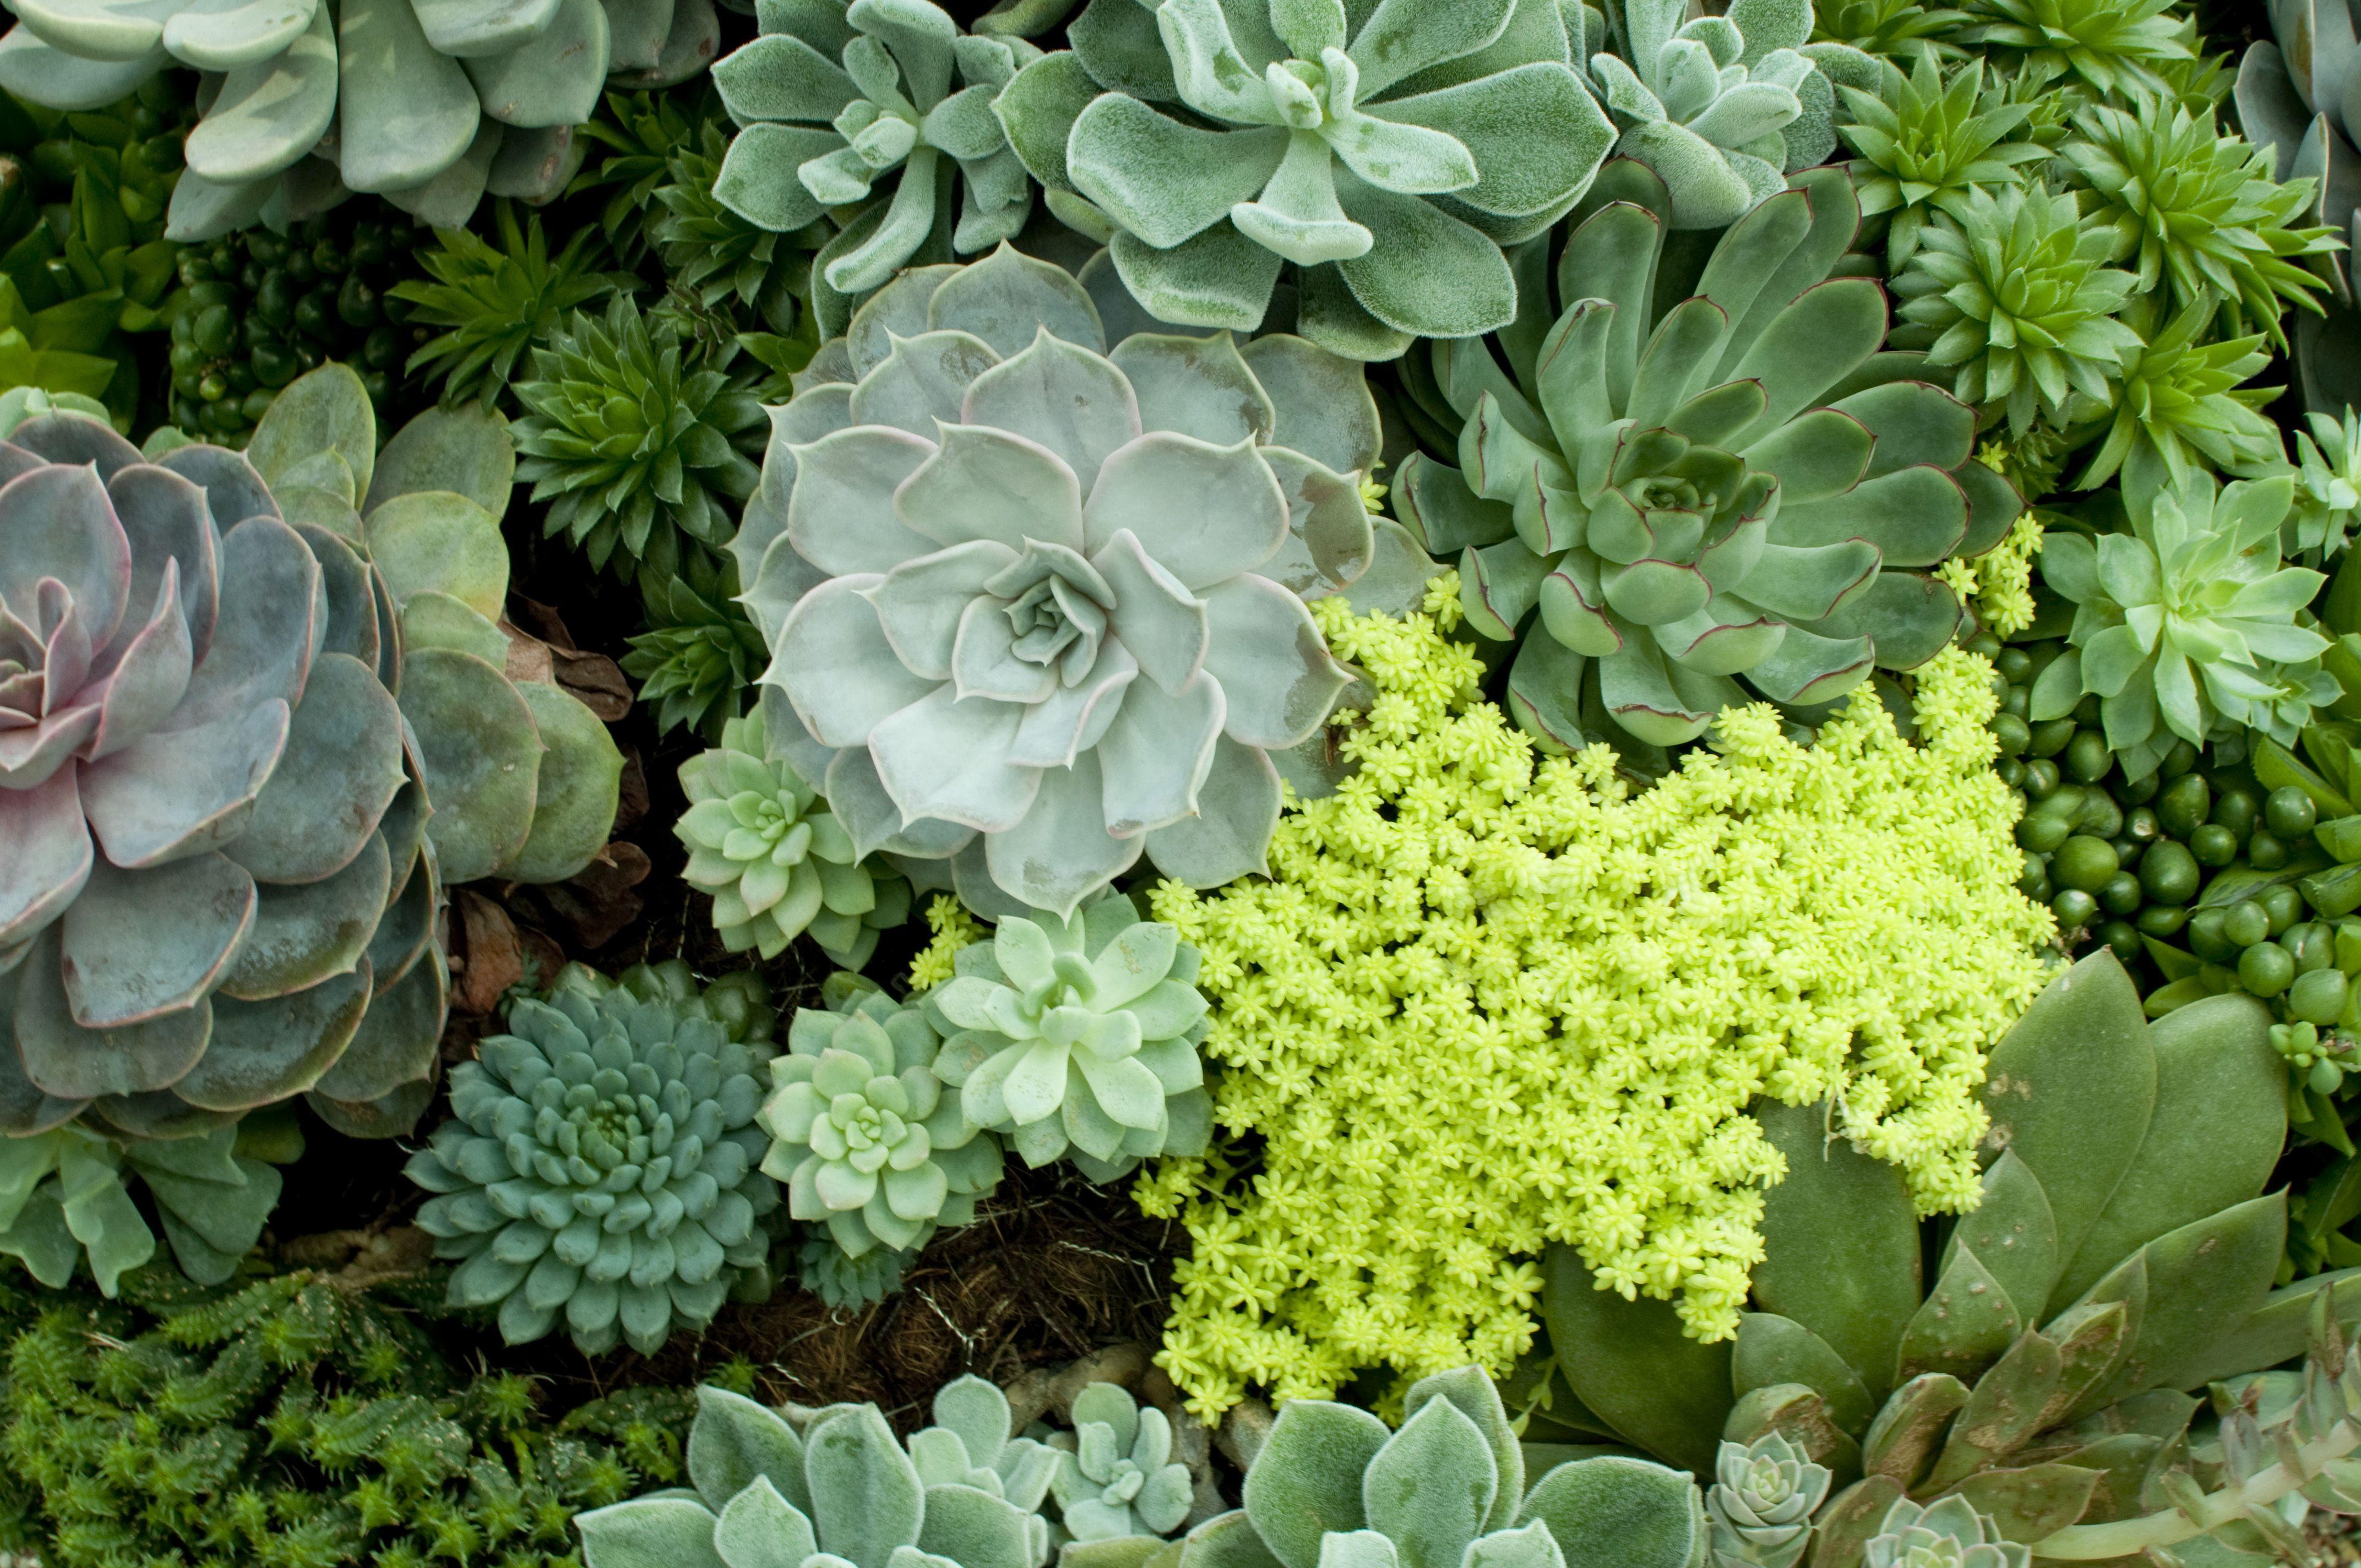 Las plantas CAM todavía realizan la fotosíntesis, pero solo absorben dióxido de carbono por la noche.